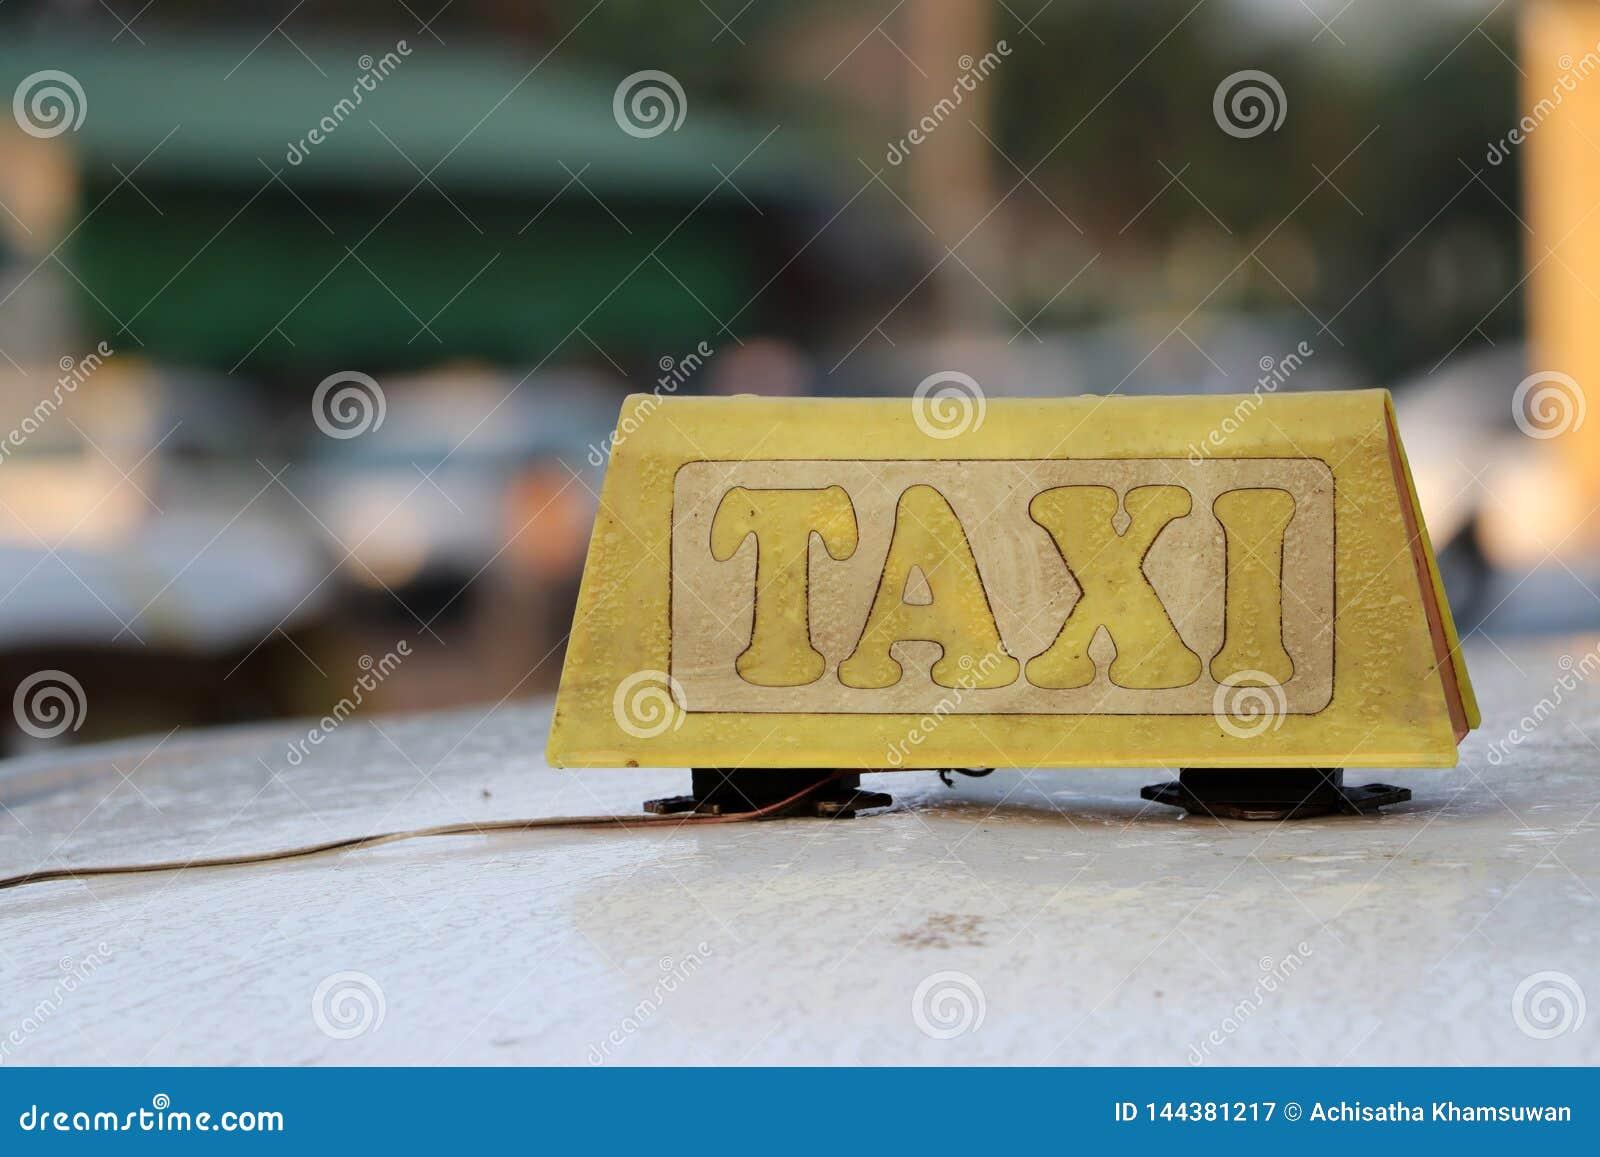 Il segno o la carrozza della luce del taxi firma nel colore giallo grigio con il testo della buccia sul tetto dell automobile